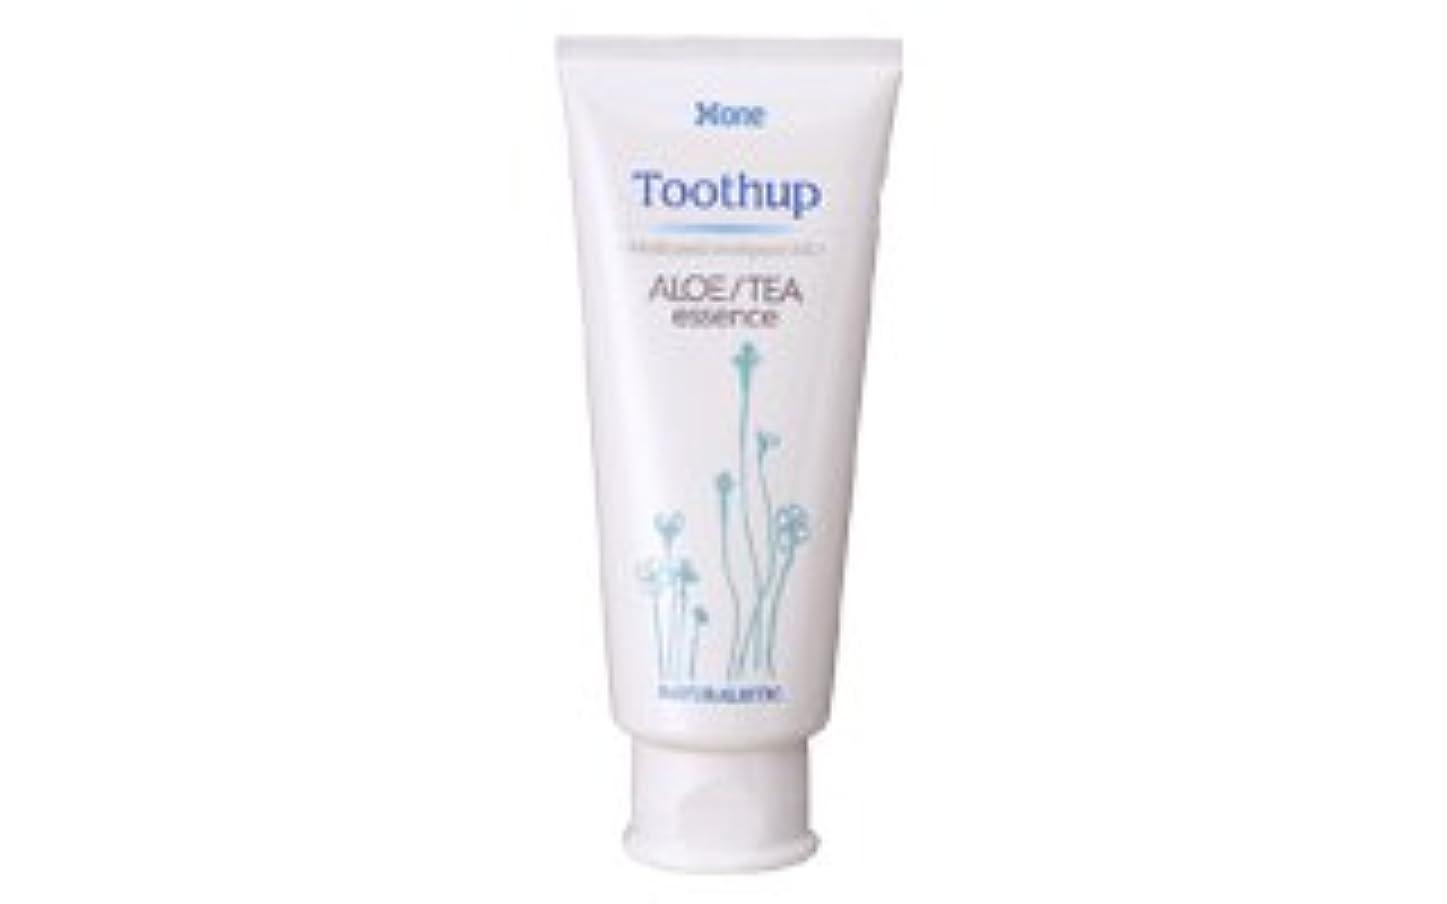 注意振り子メタリックトゥーサップ 薬用歯みがき MD 虫歯予防?消臭(150g)